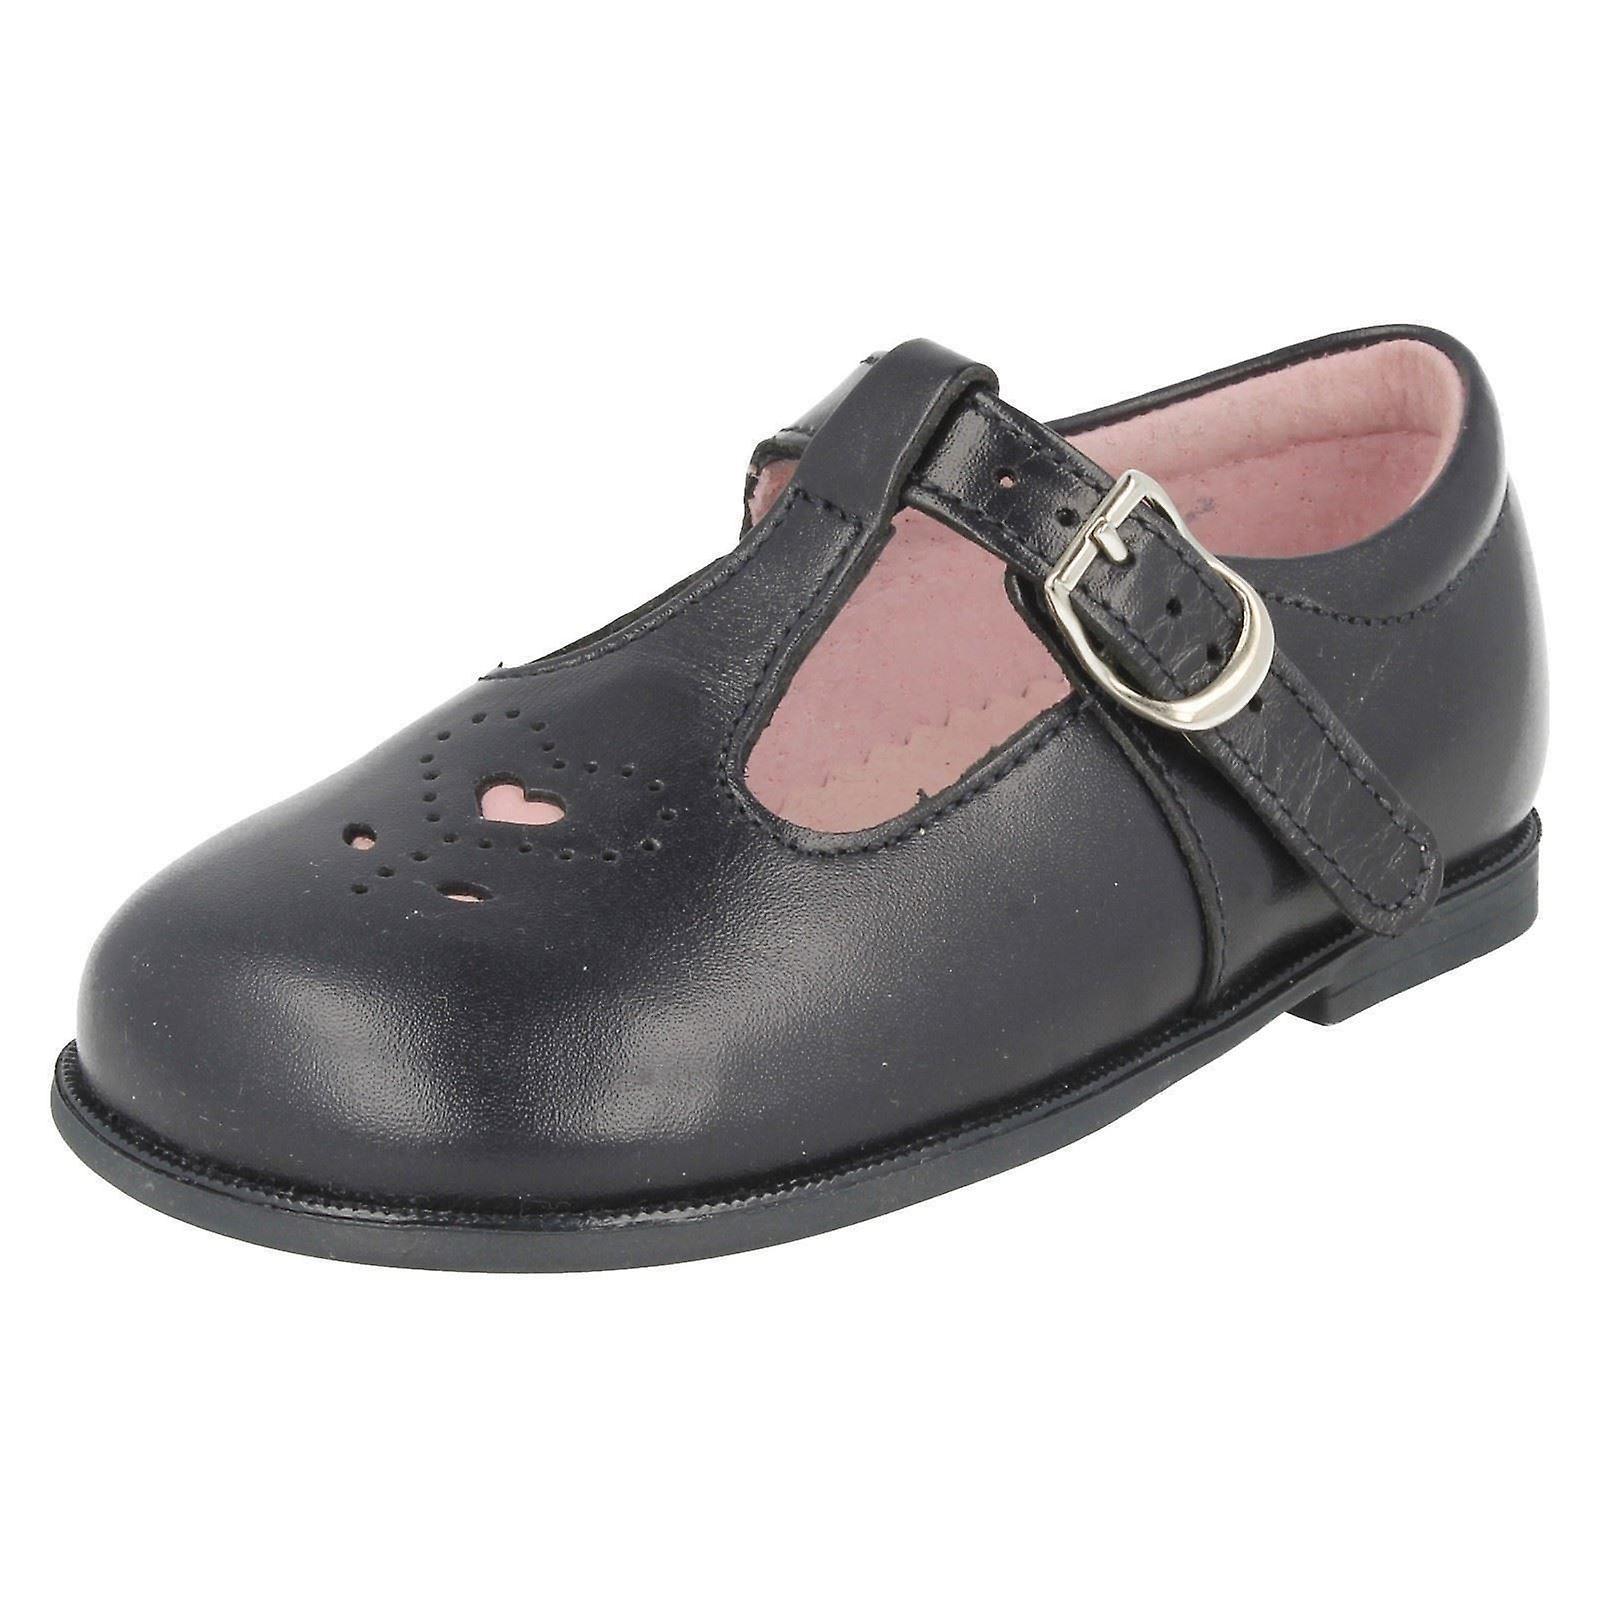 Tutti i giorni a t Startrite ragazze scarpe bolla | Di Alta Qualità E Low Overhead  | Scolaro/Ragazze Scarpa